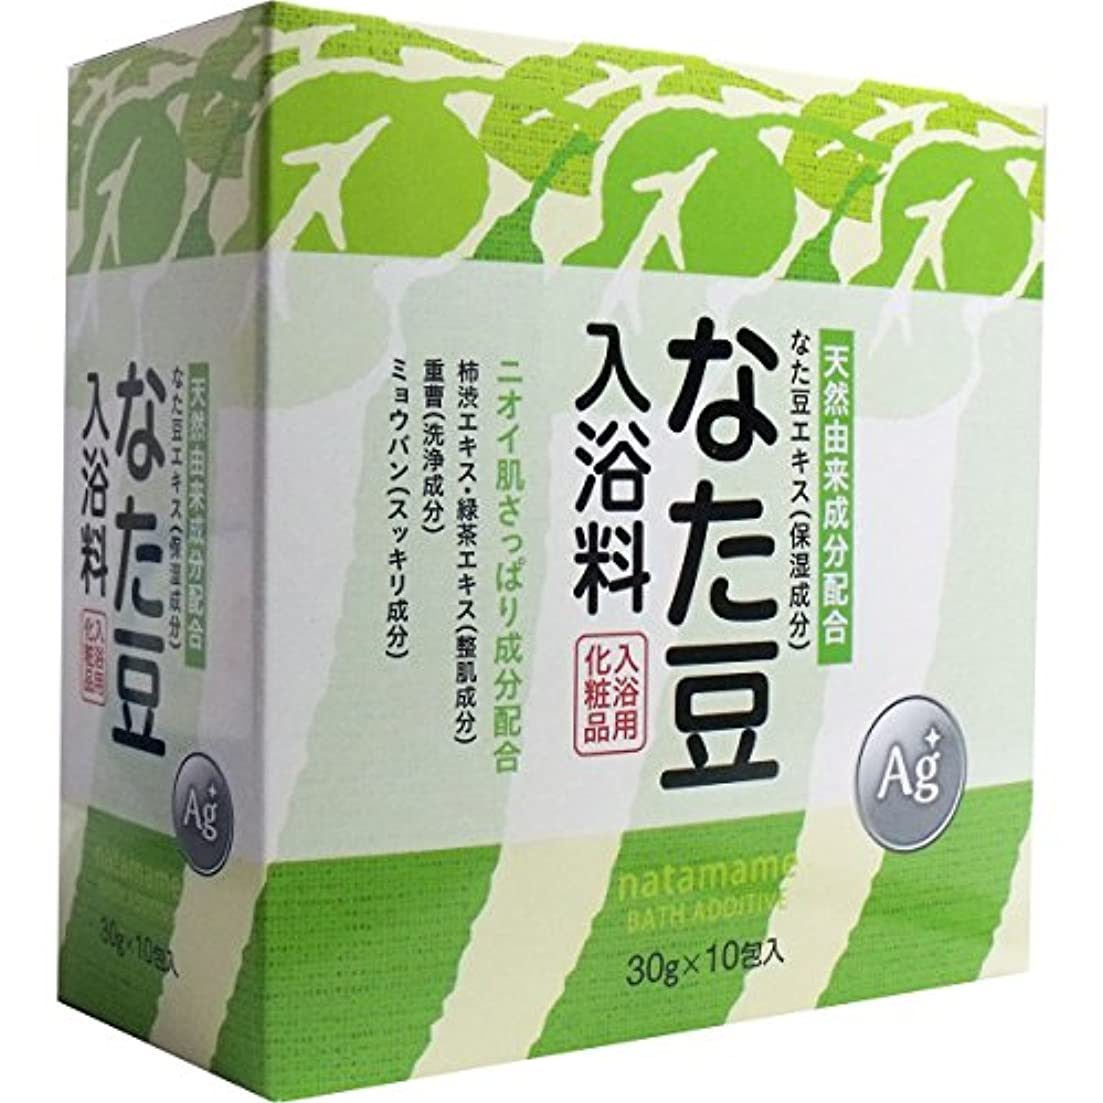 法医学トランペット六なた豆入浴料 入浴用化粧品 30g×10包入×6